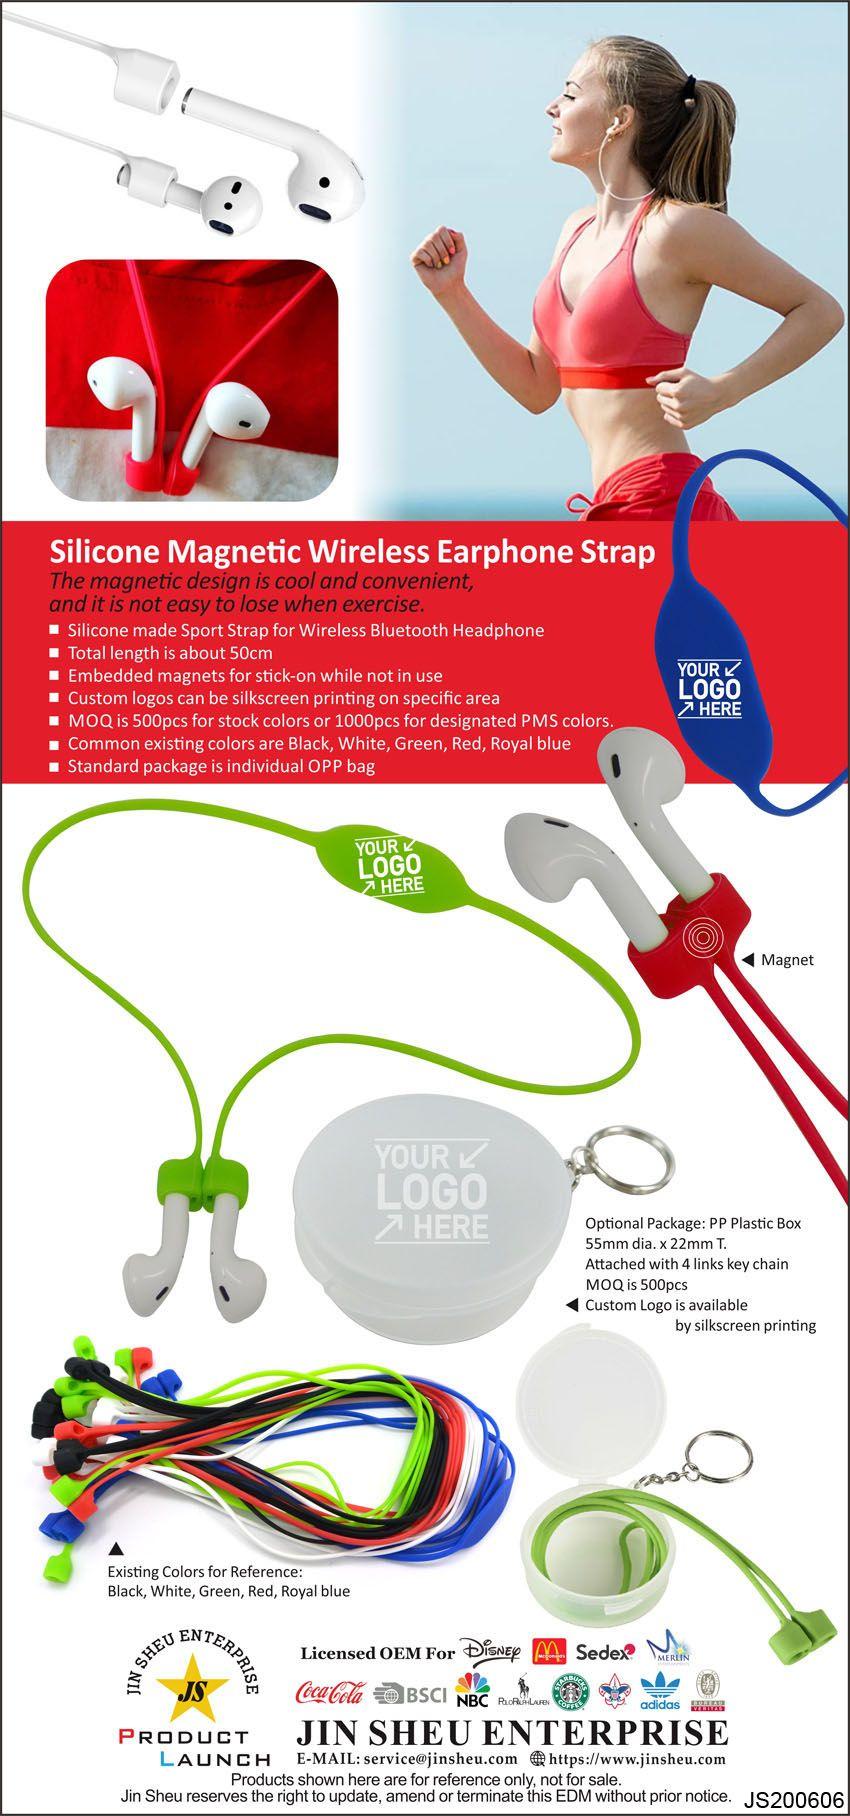 silicone airpod anti lost straps